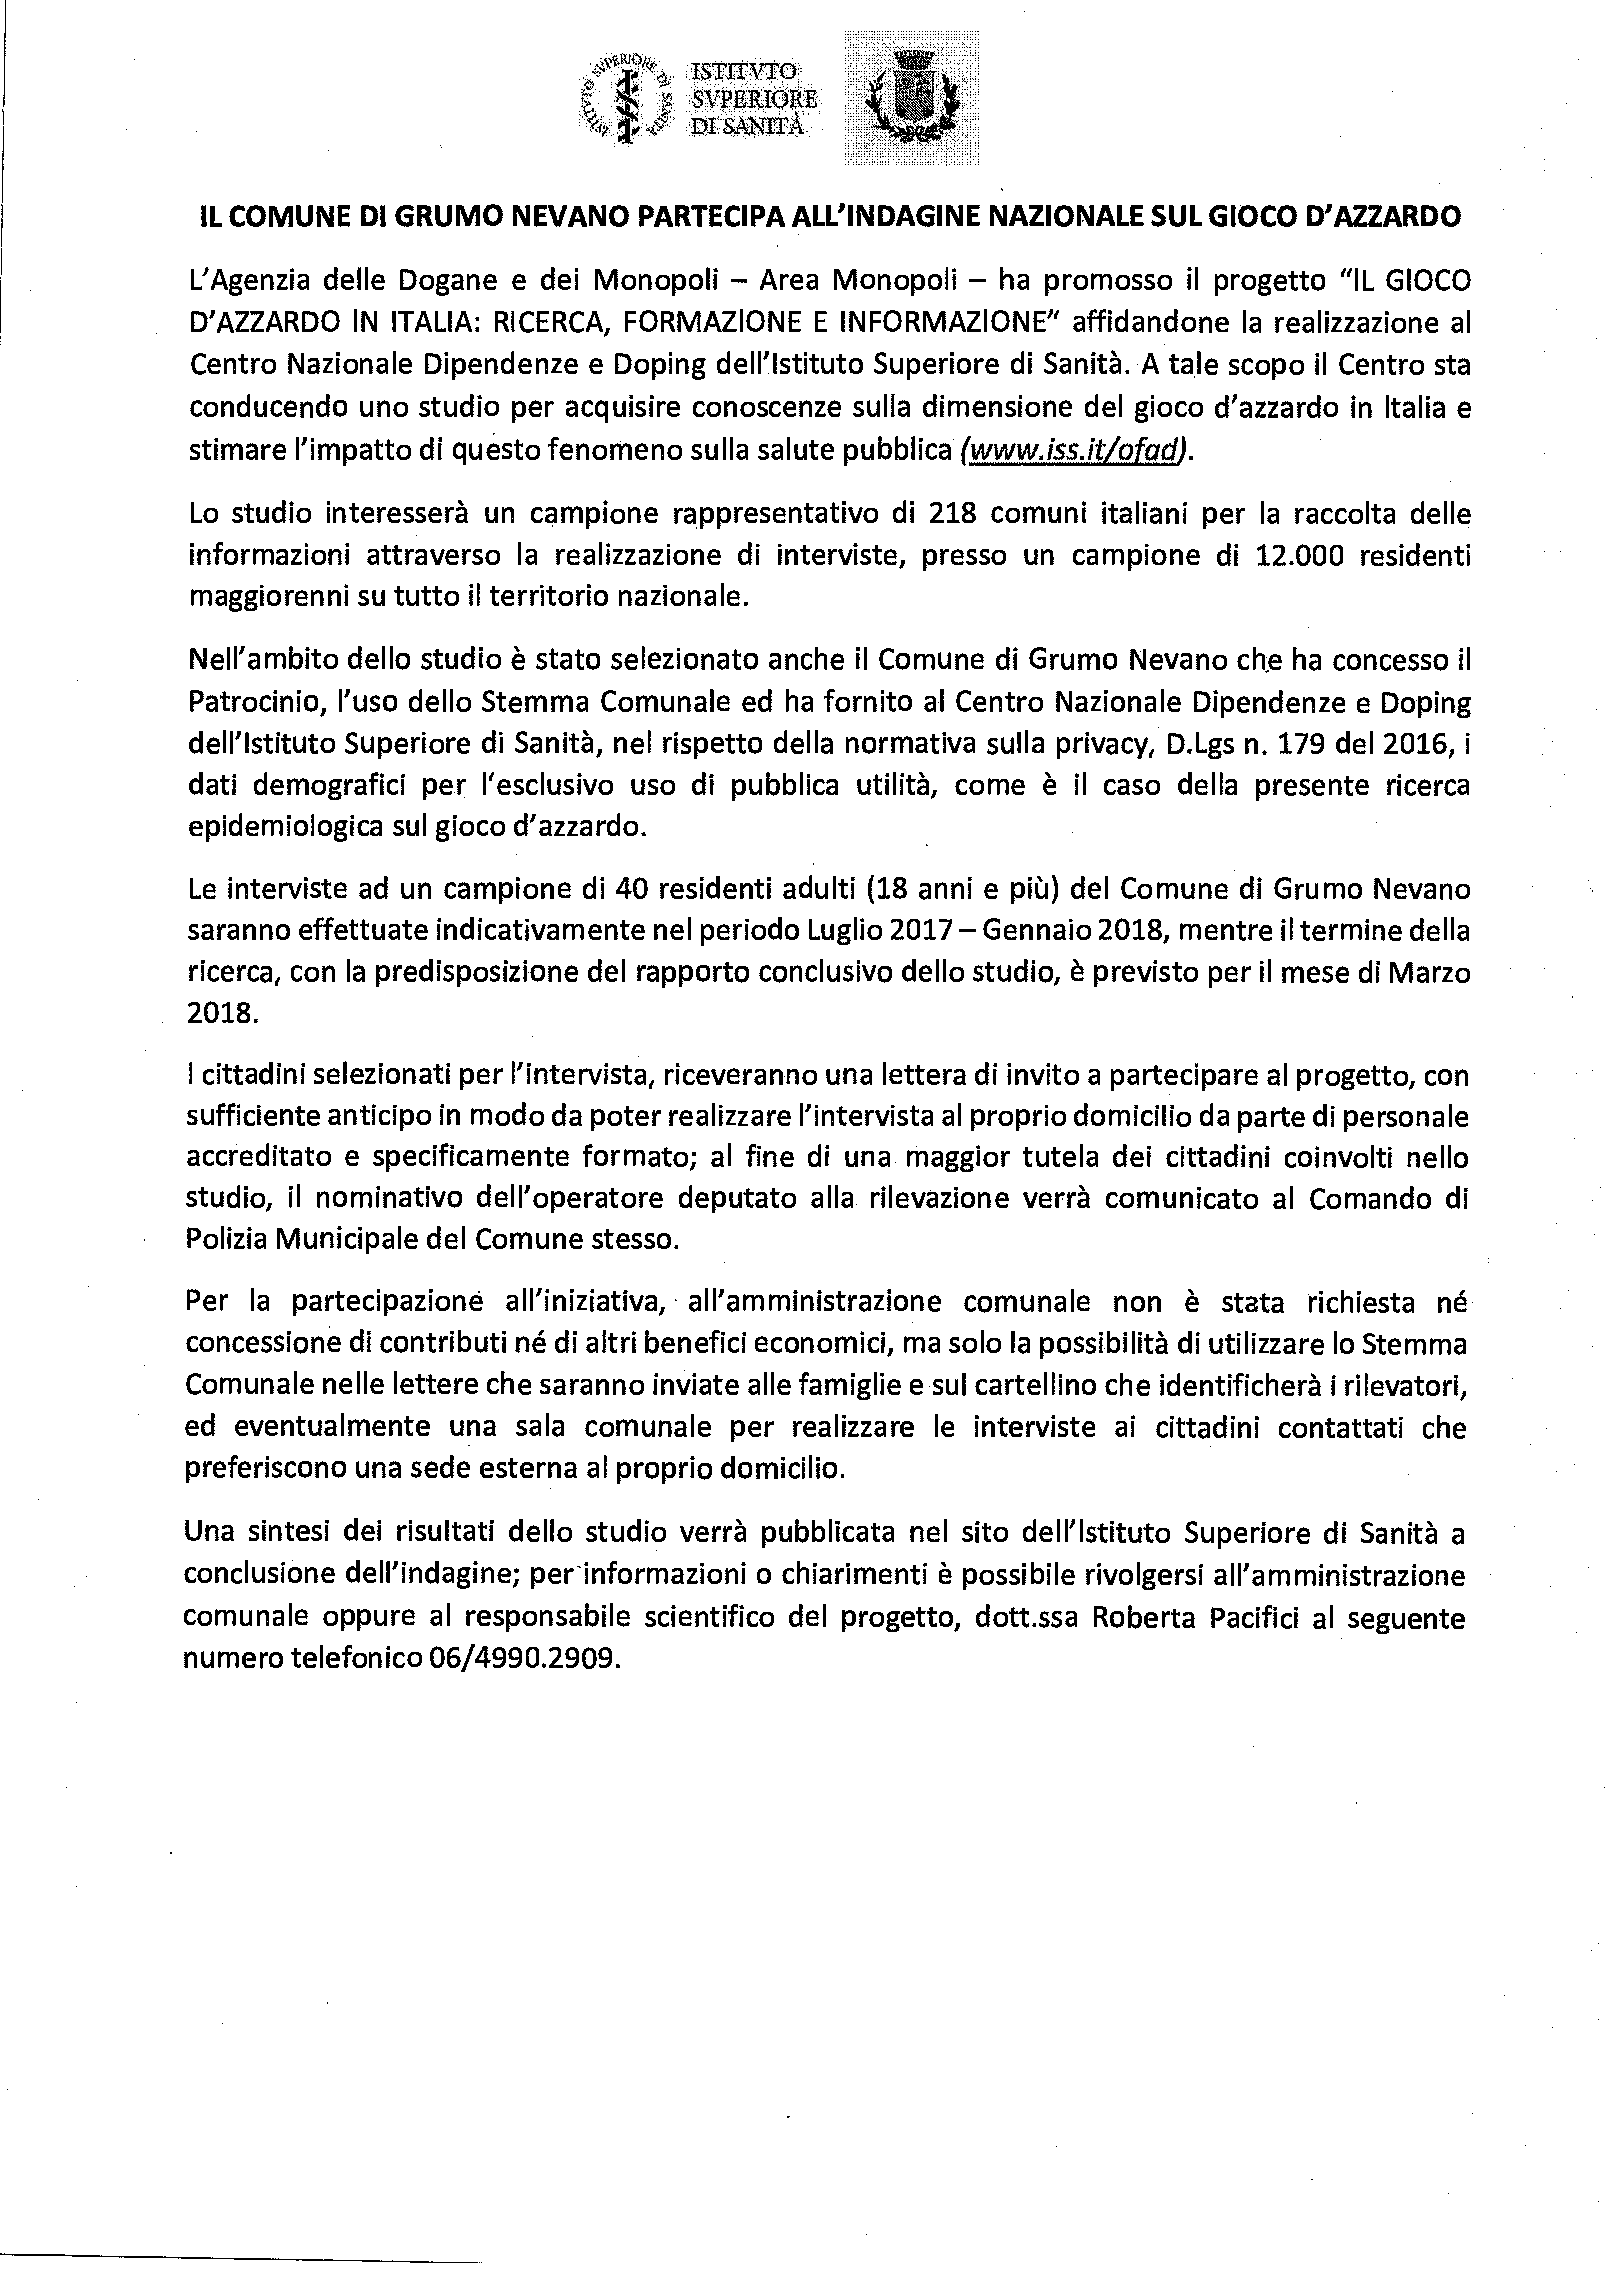 INDAGINE NAZIONALE SUL GIOCO D'AZZARDO